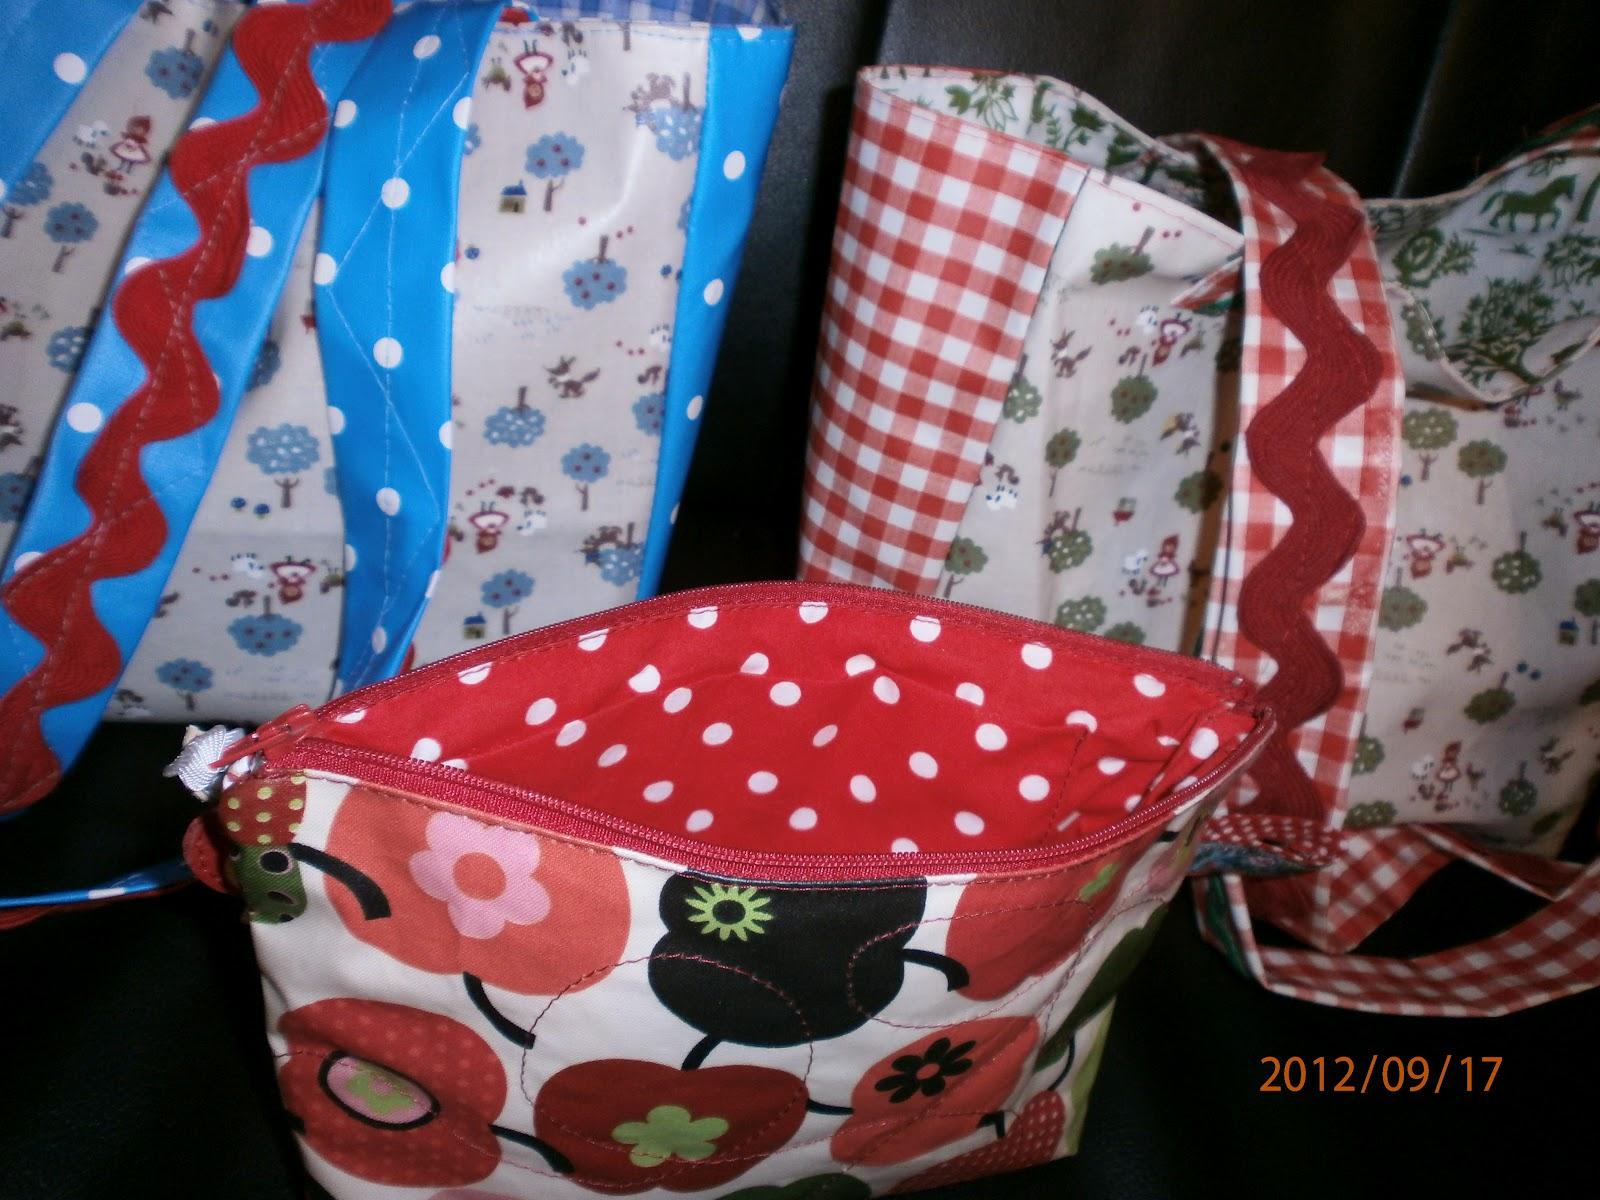 unsre kinder unser leben taschenwahn sinn three bags taschenfieber wachstuch oilcloth. Black Bedroom Furniture Sets. Home Design Ideas